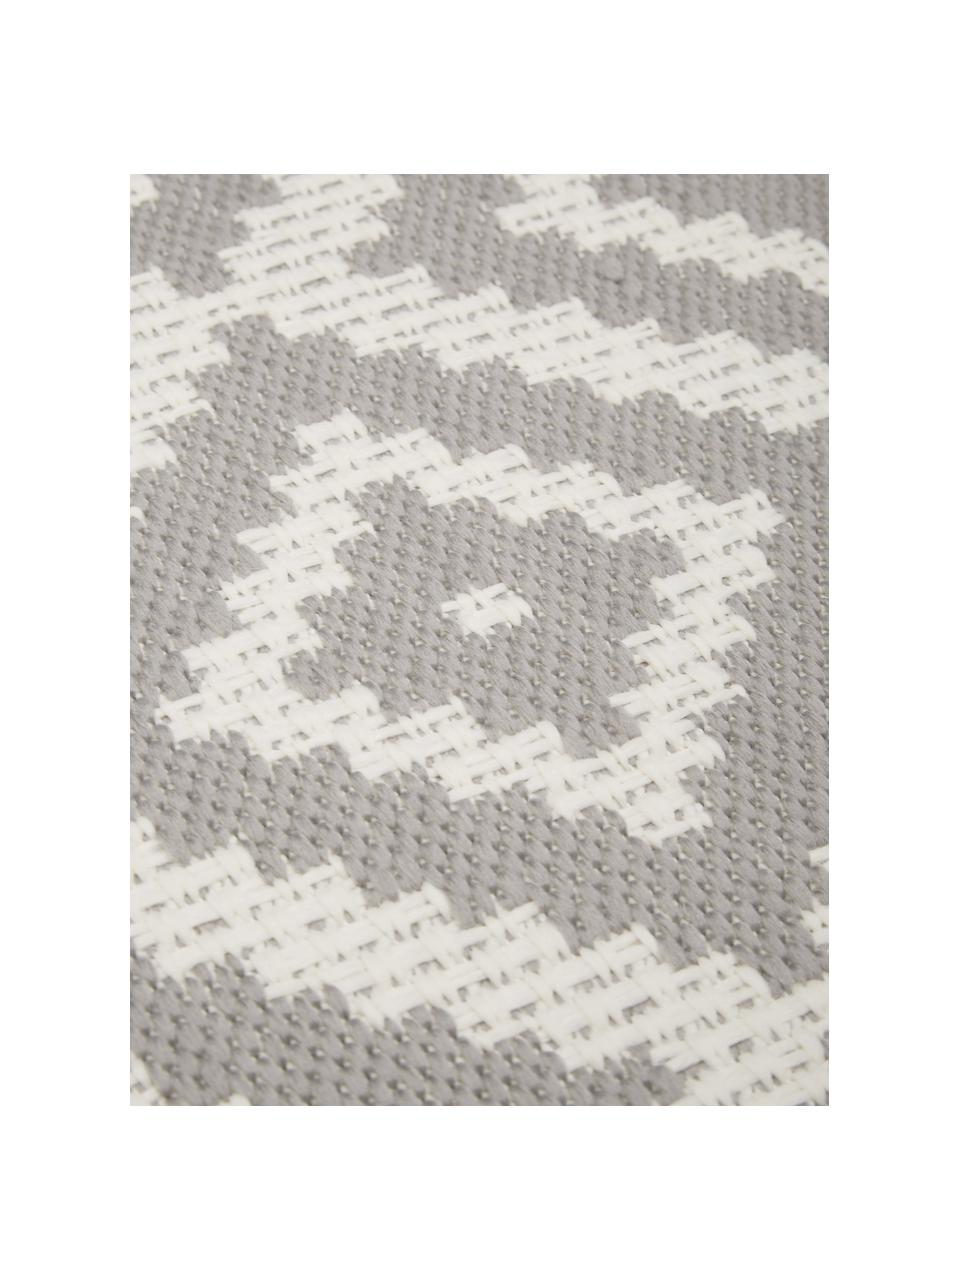 Okrągły dywan wewnętrzny/zewnętrzny Miami, 86% polipropylen, 14% poliester, Biały, szary, Ø 200 cm (Rozmiar L)